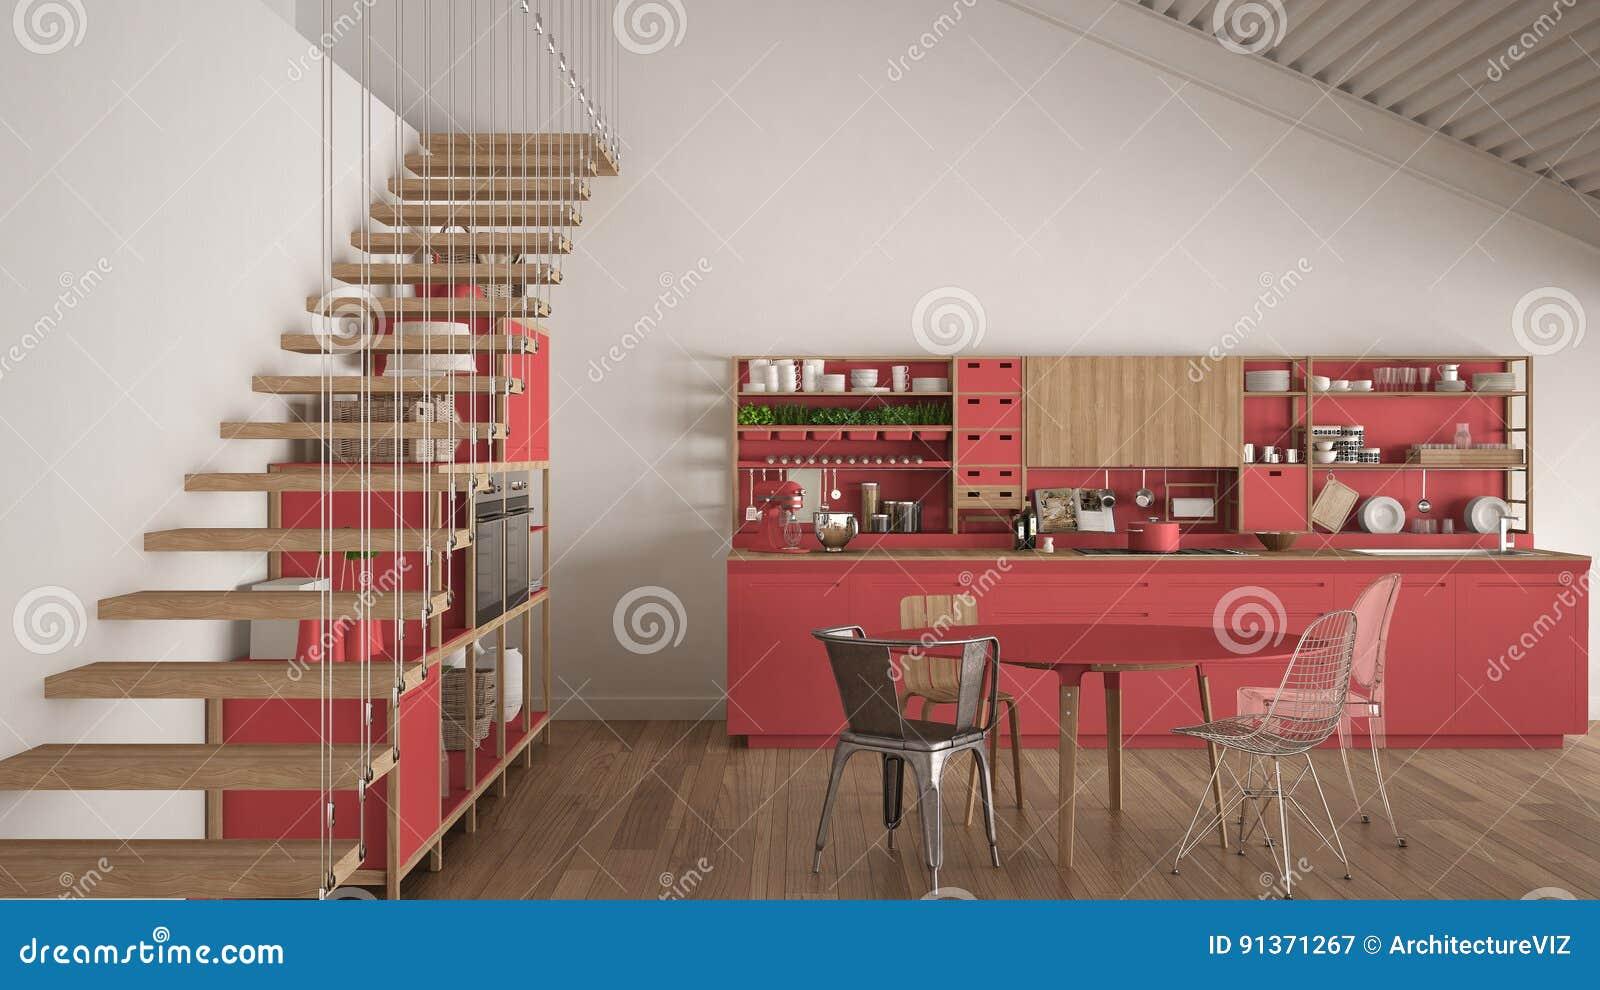 Cucina di legno bianca e rossa minimalista sottotetto con le scale classe illustrazione di - Cucina bianca e rossa ...